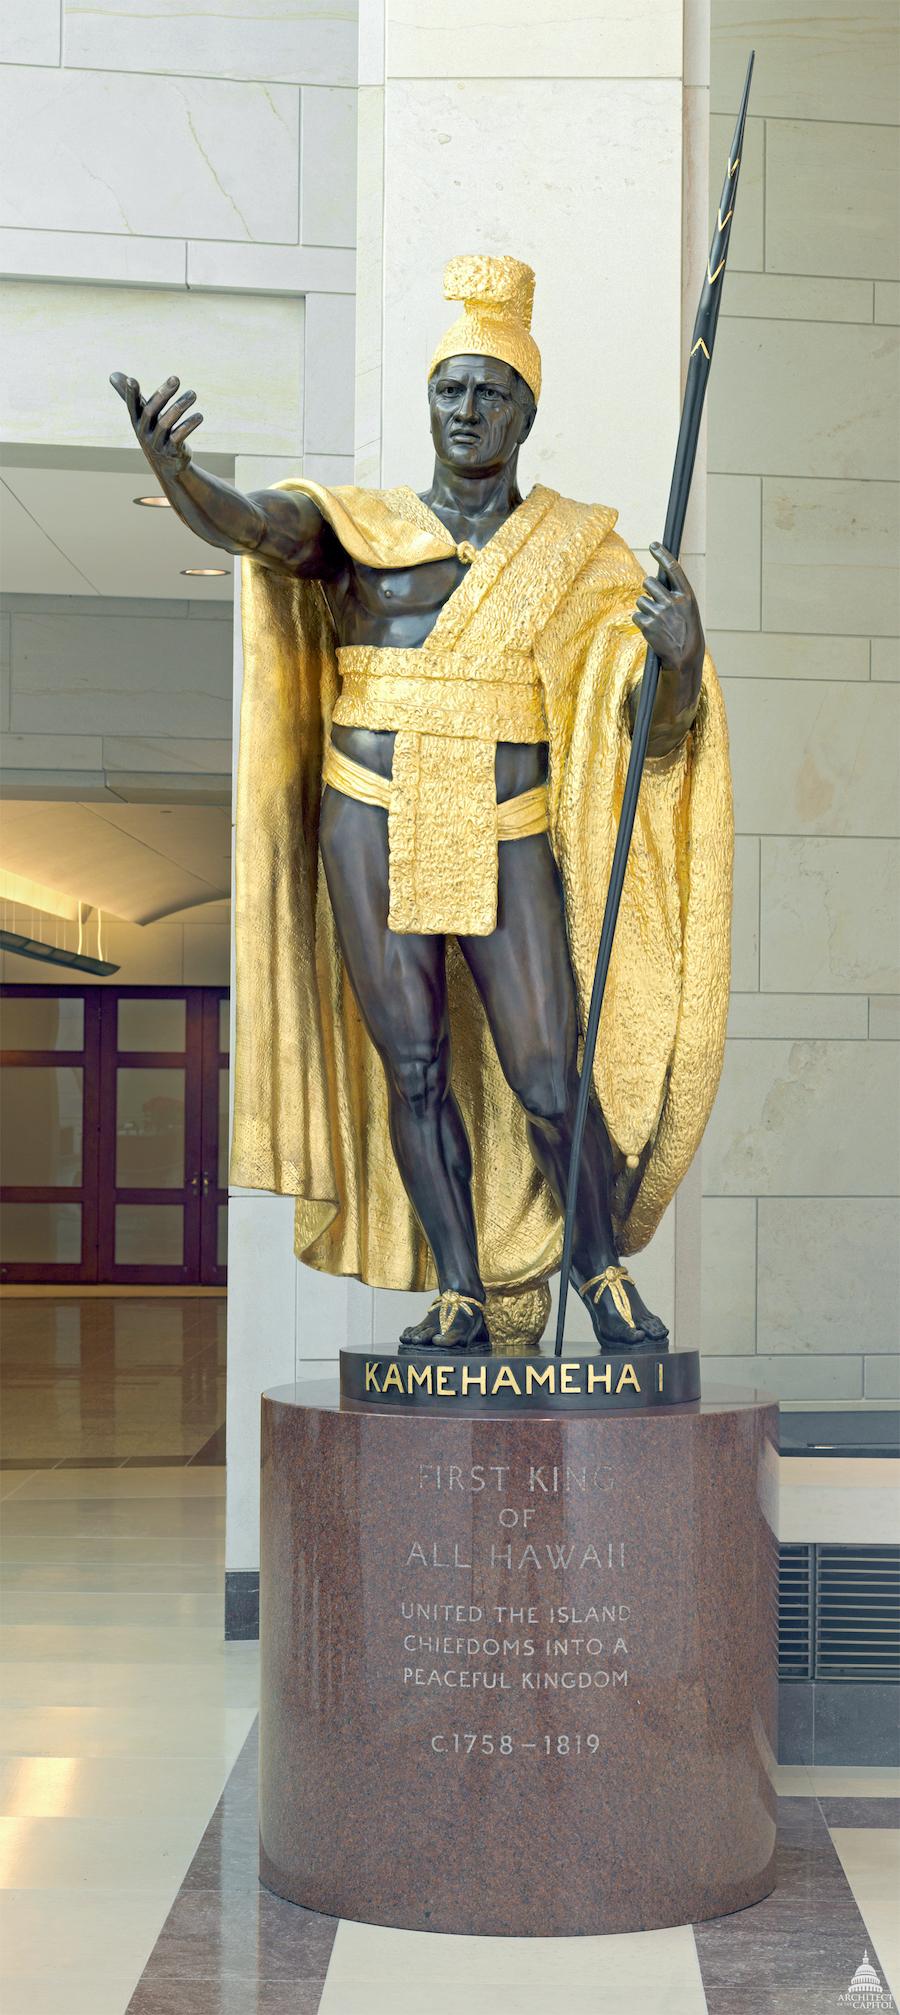 夏威夷州捐赠的卡美哈梅哈一世雕像,是整个国家雕塑大厅中最大的一座雕像。